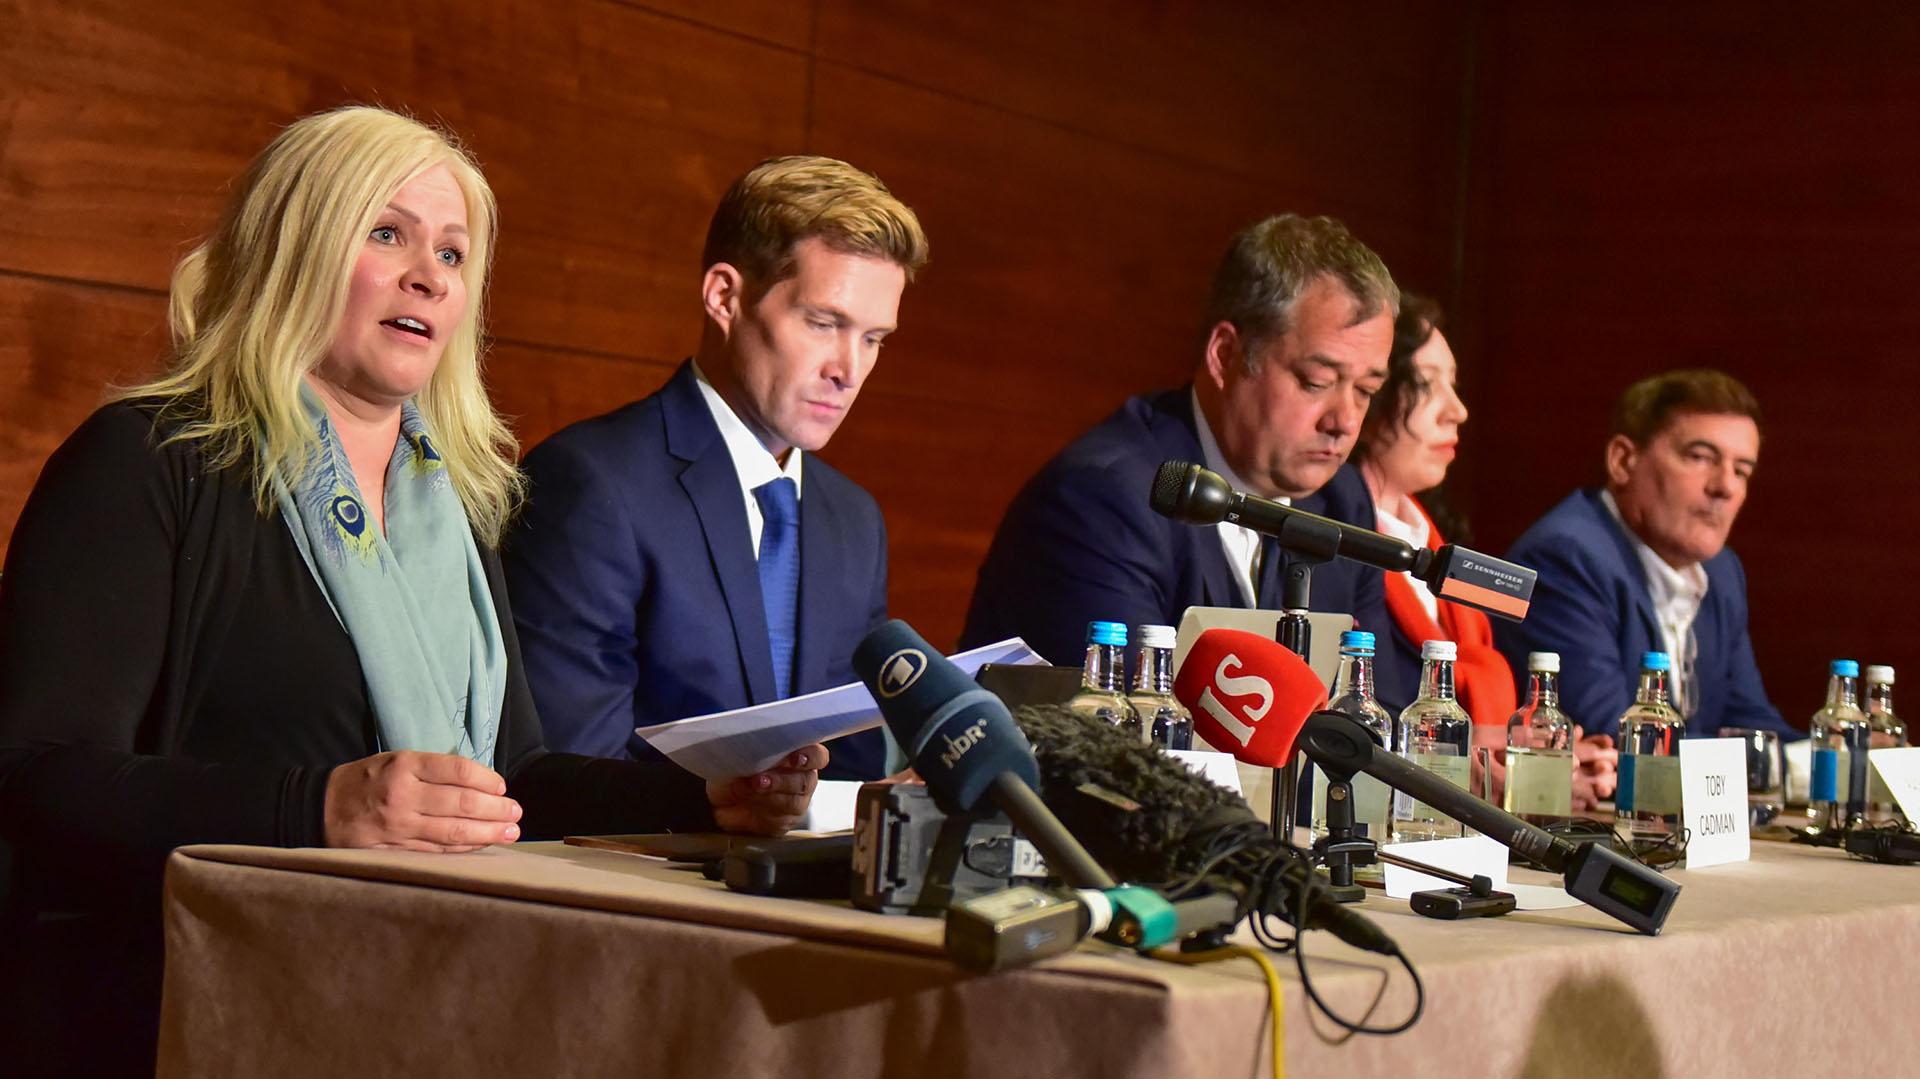 Organizaciones de derechos humanos denunciaron en Londres, en abril del año pasado, que el caso de Latifa es extremo pero de ningún modo es el único en los Emiratos Árabes Unidos sobre violación de libertades civiles (Foto: Peter Manning/Alamy Live News)